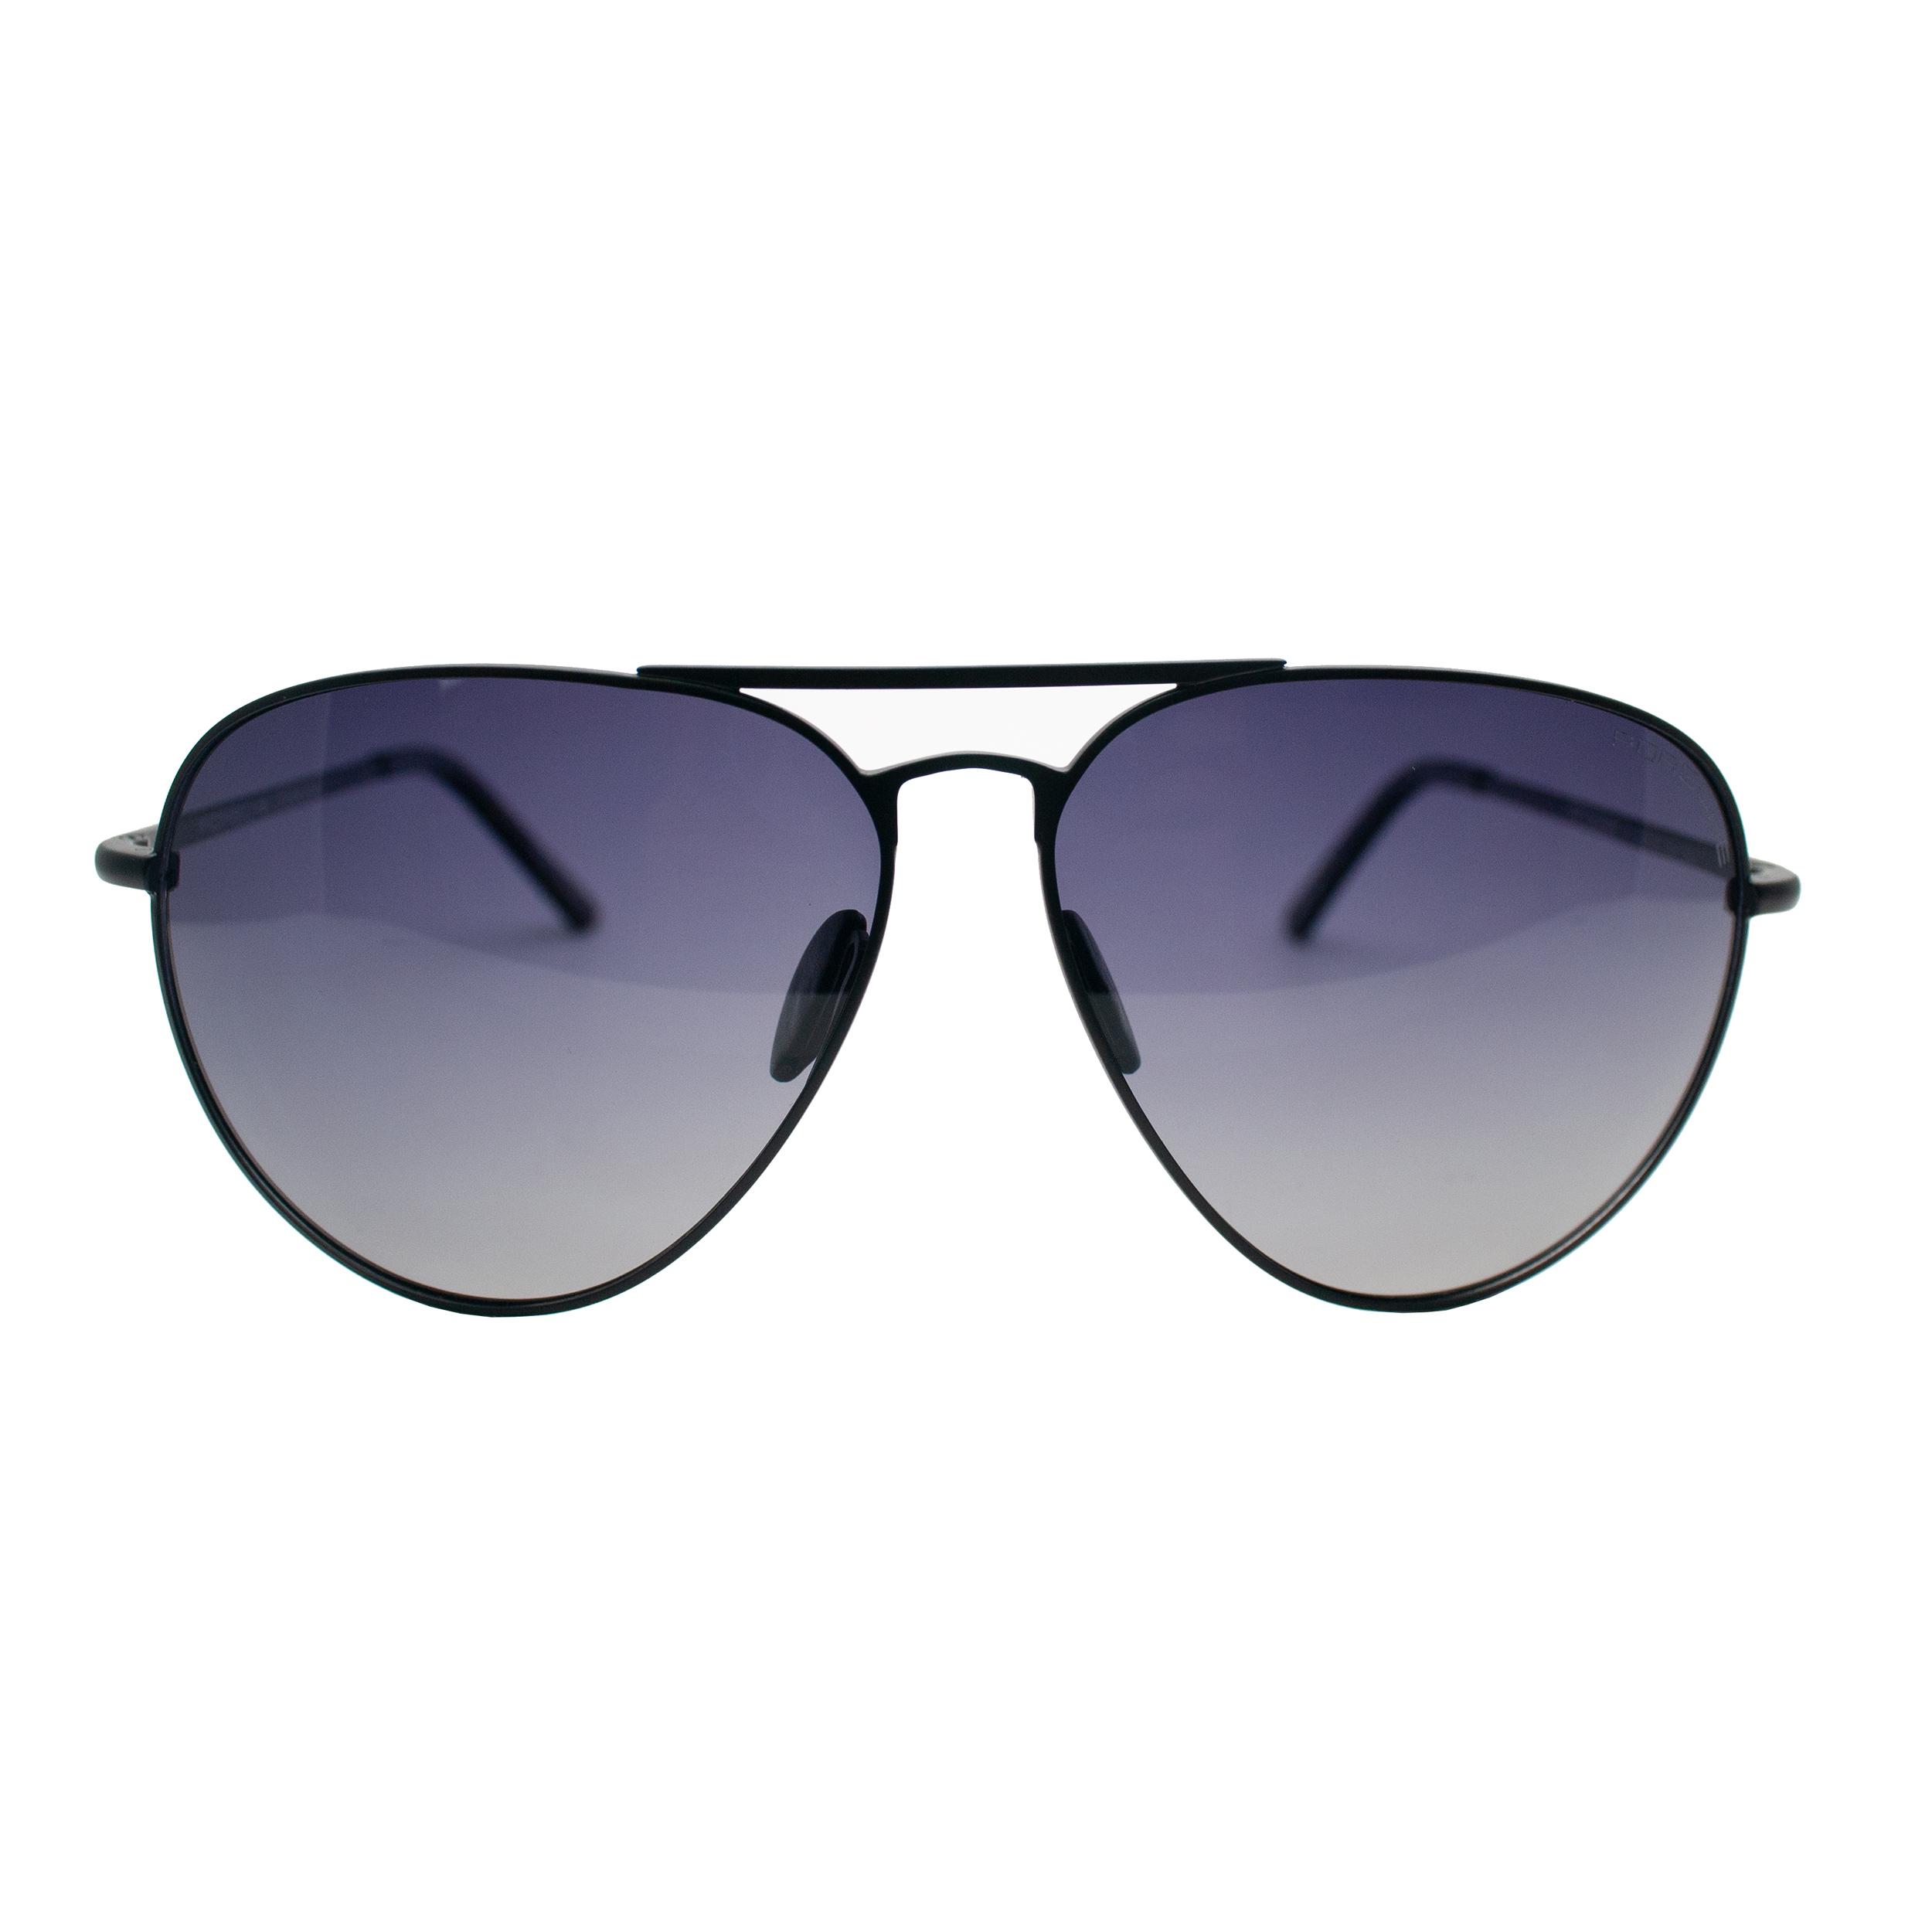 عینک آفتابی پورش دیزاین مدل P 8508 B